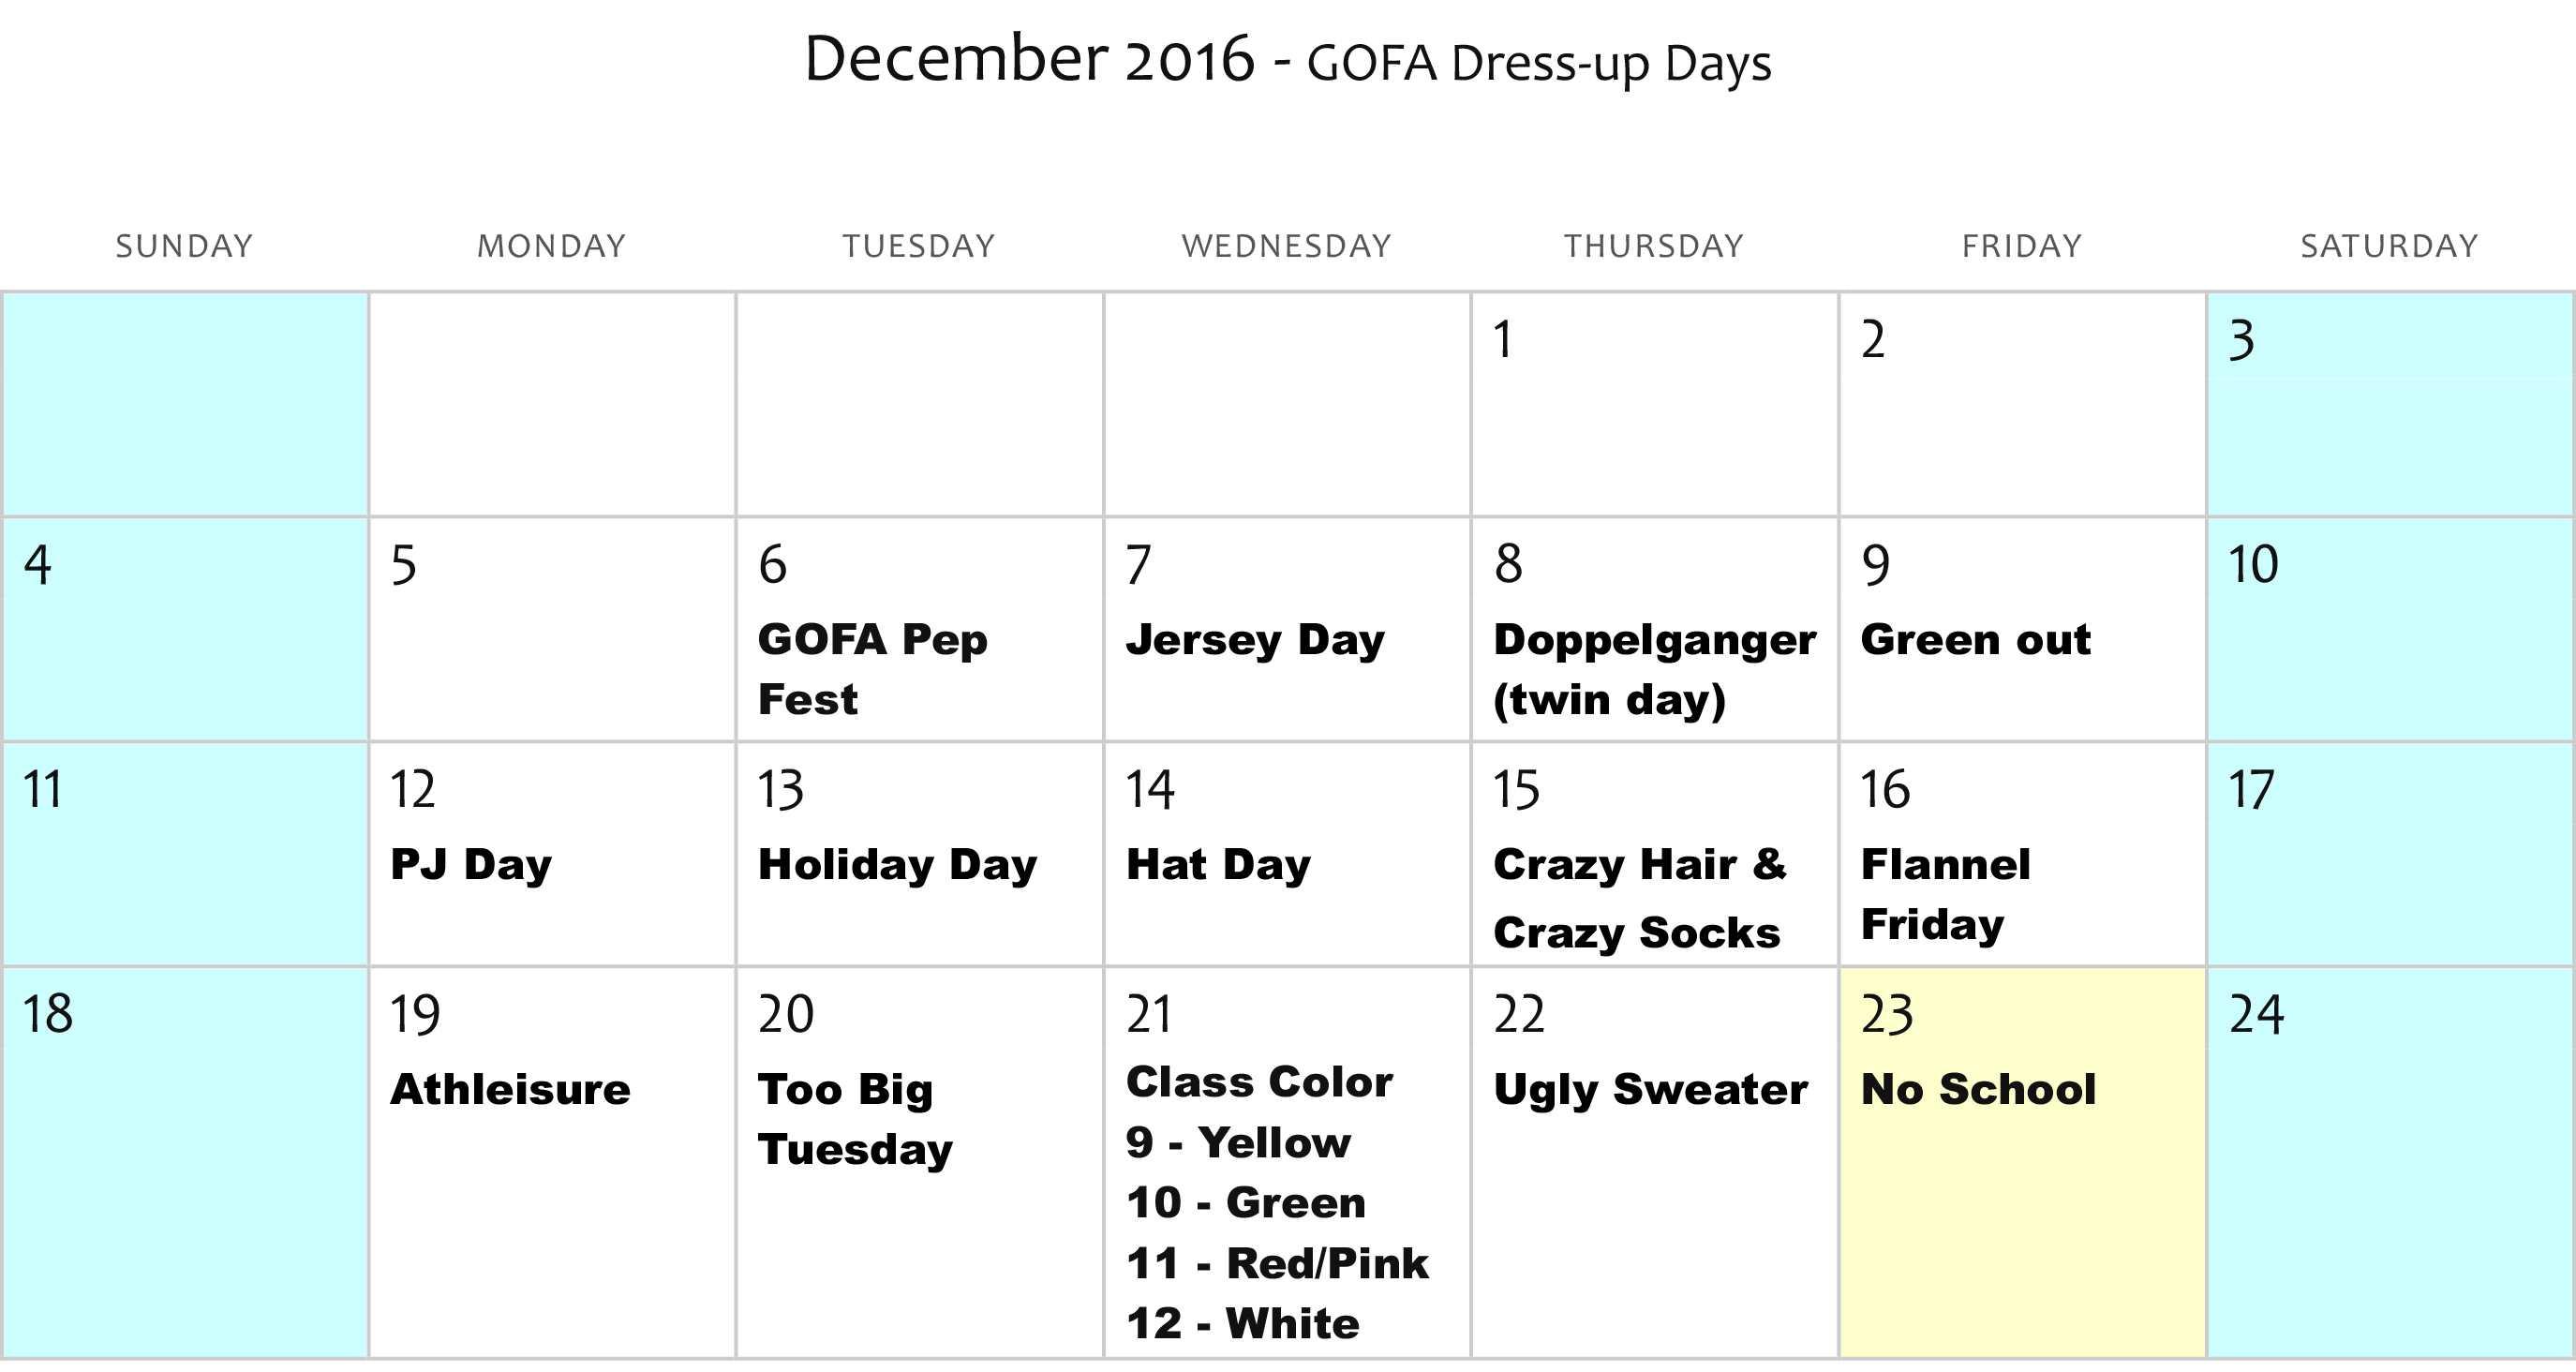 GOFA Dress Up Days